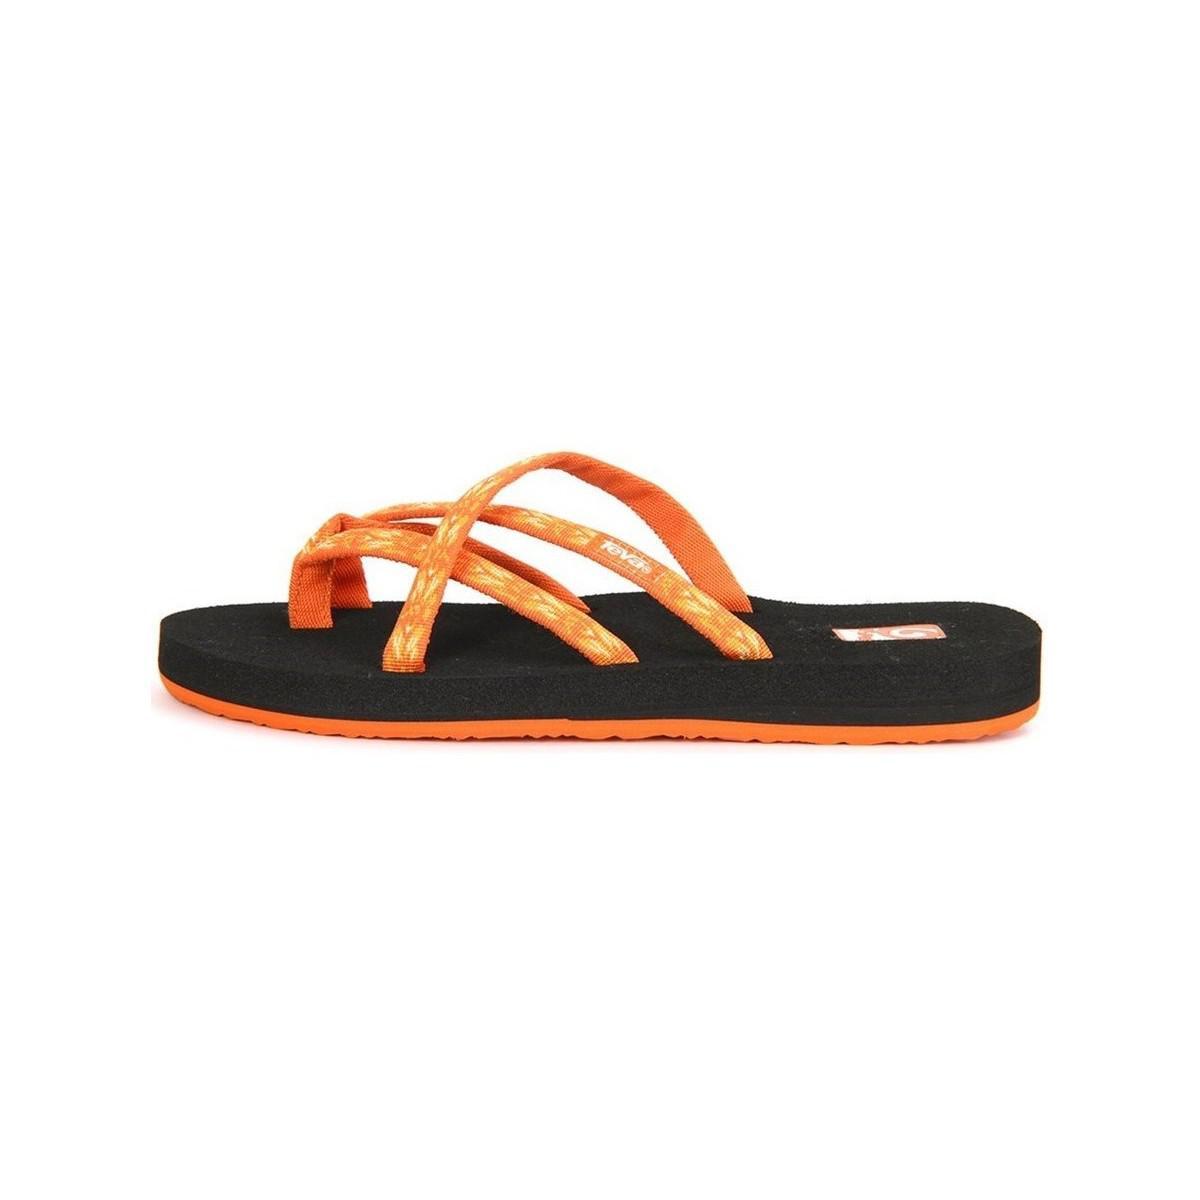 ab004eb7b08f0 Teva Olowahu Ws Hazel Orange Women s Flip Flops   Sandals (shoes) In ...